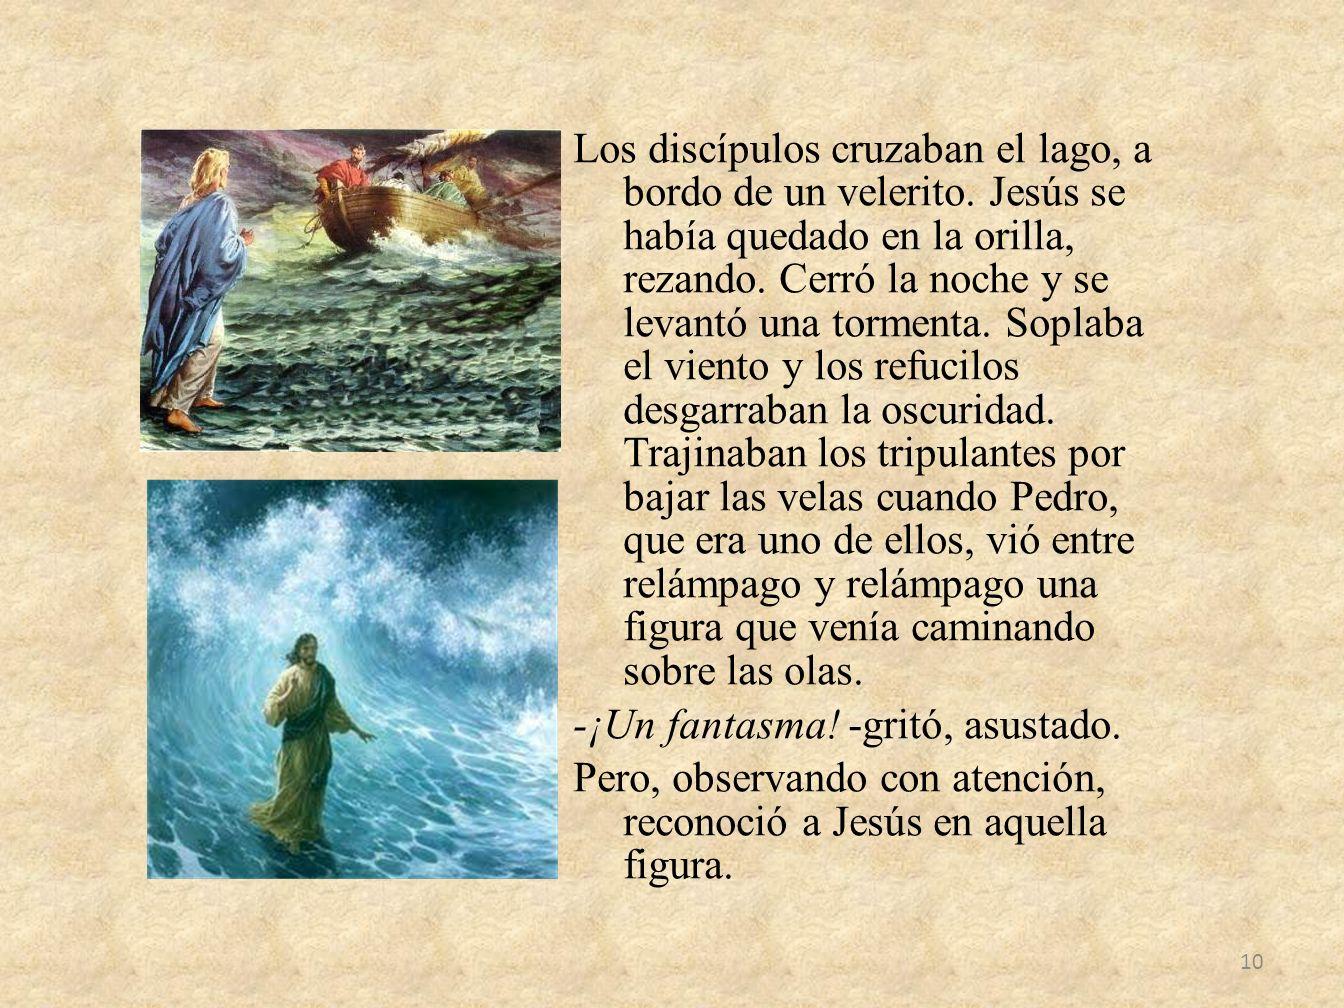 Los discípulos cruzaban el lago, a bordo de un velerito